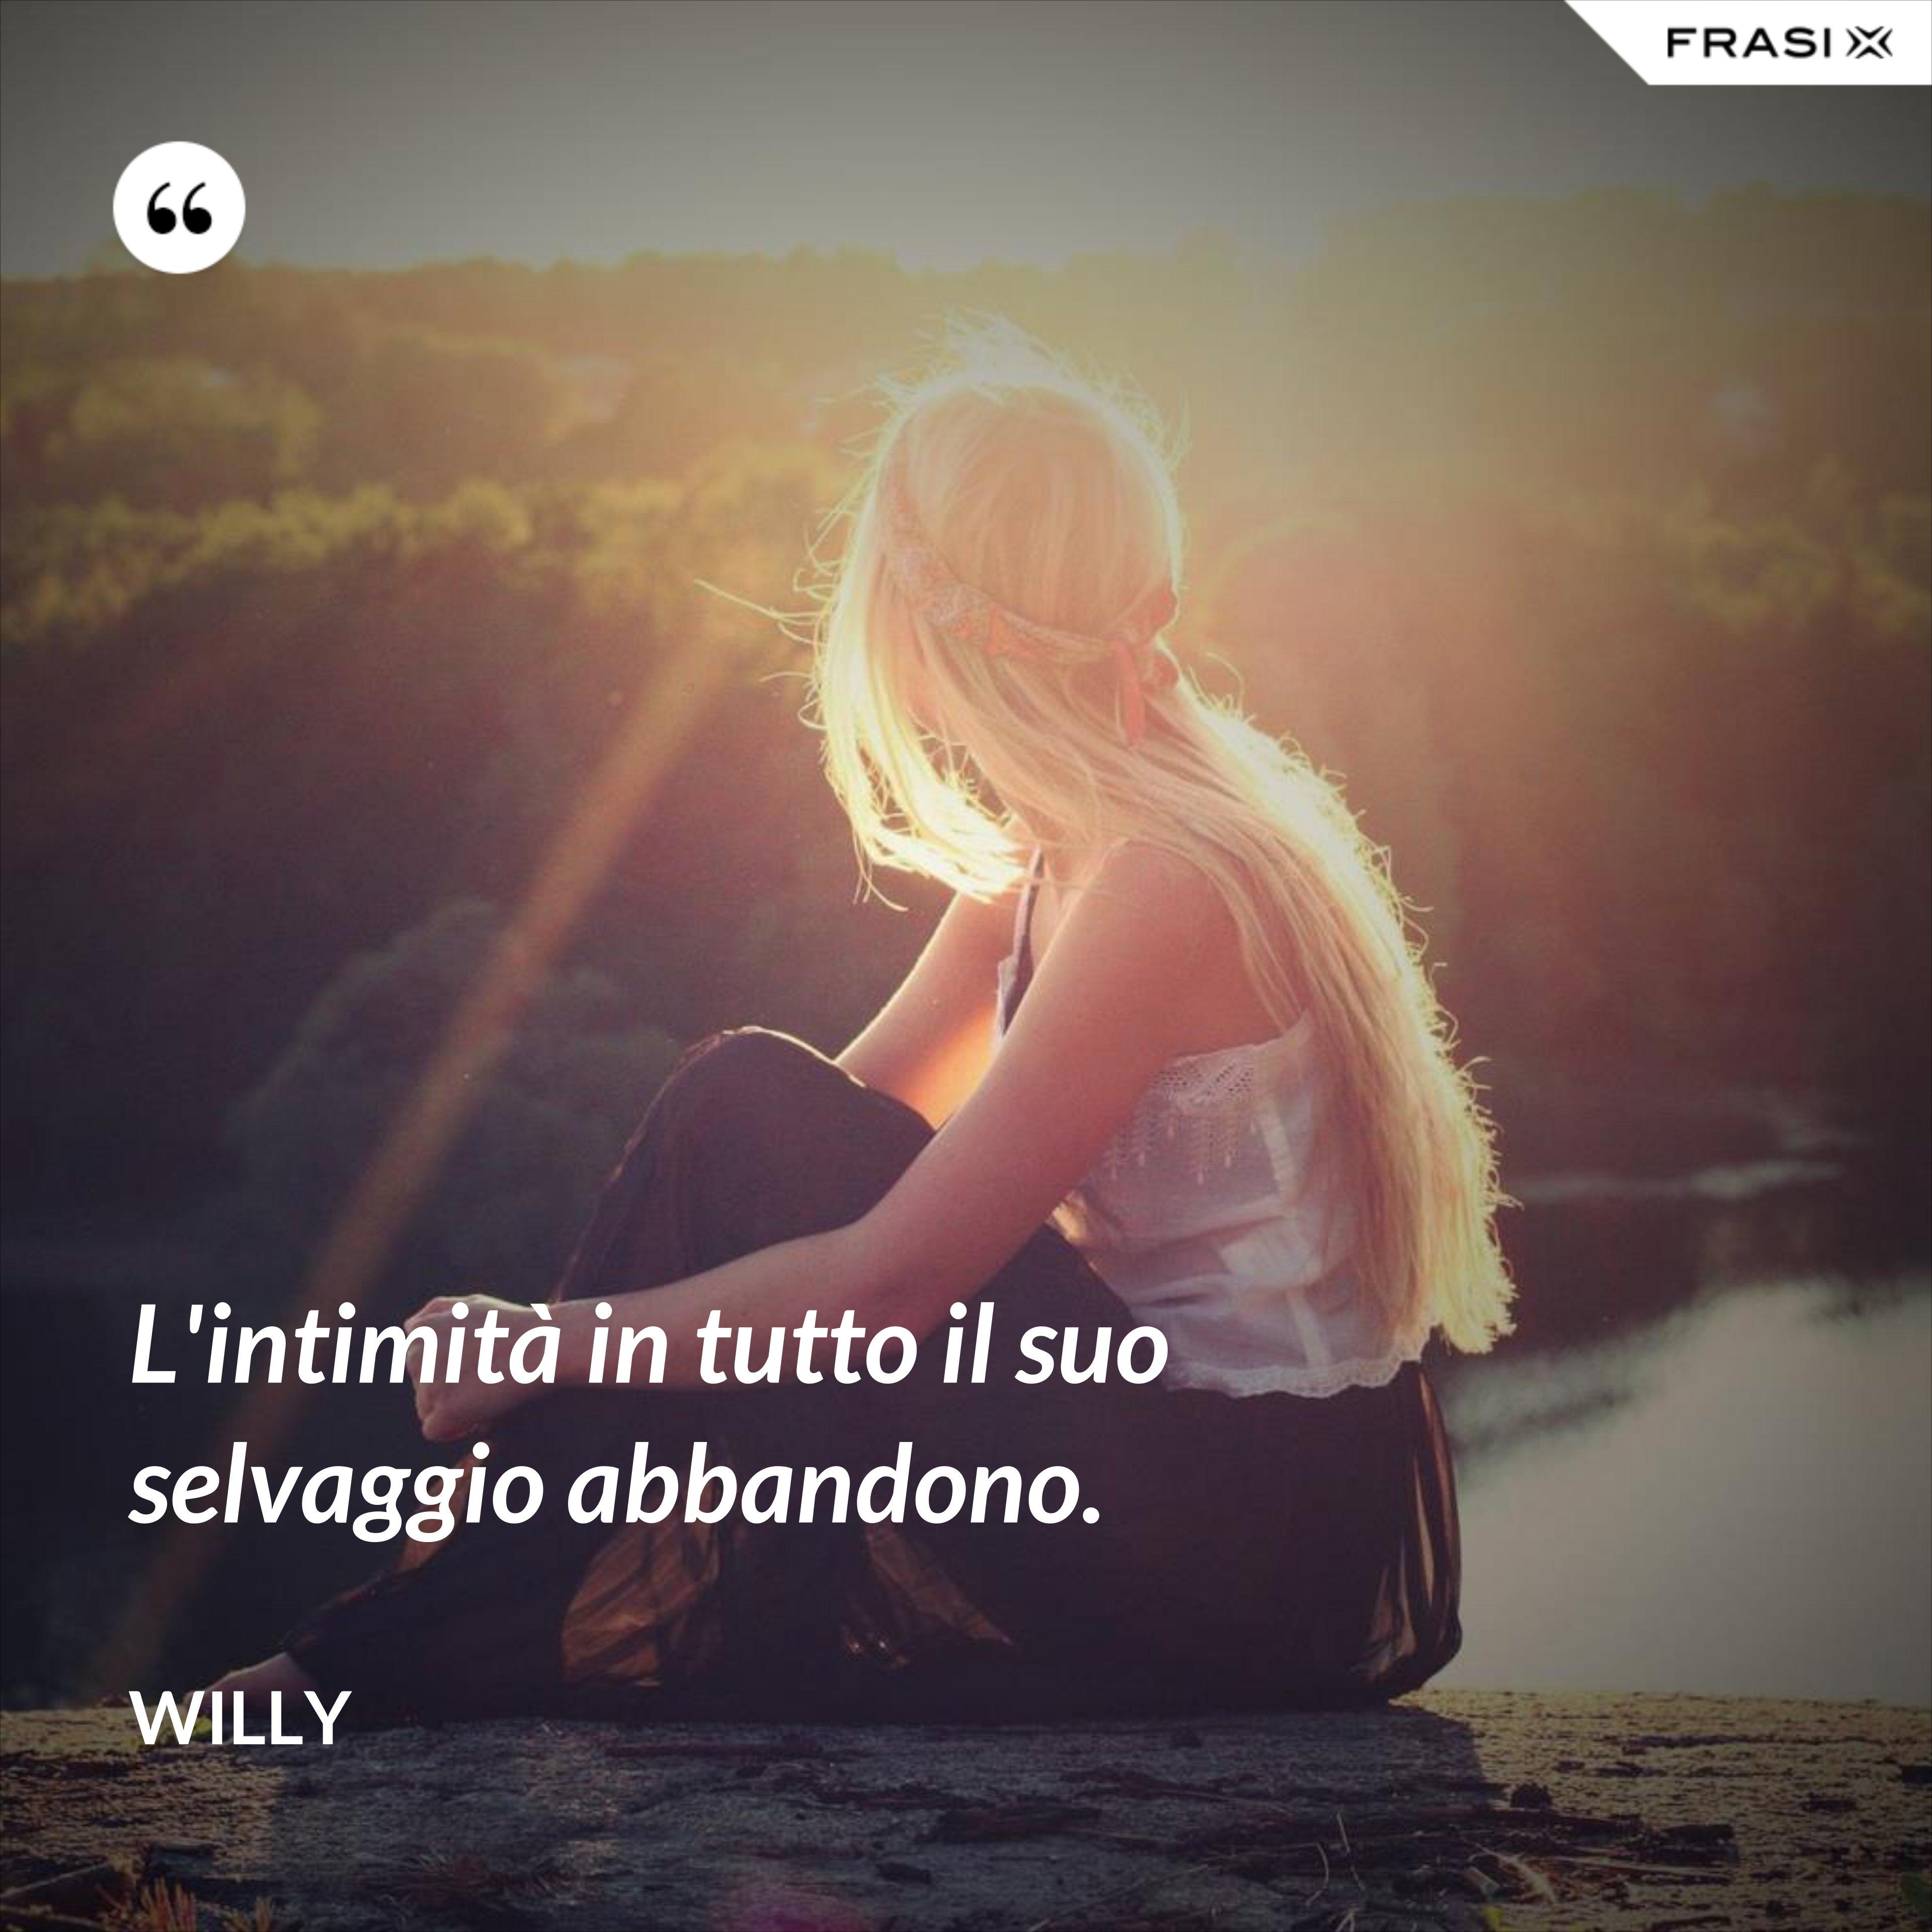 L'intimità in tutto il suo selvaggio abbandono. - Willy